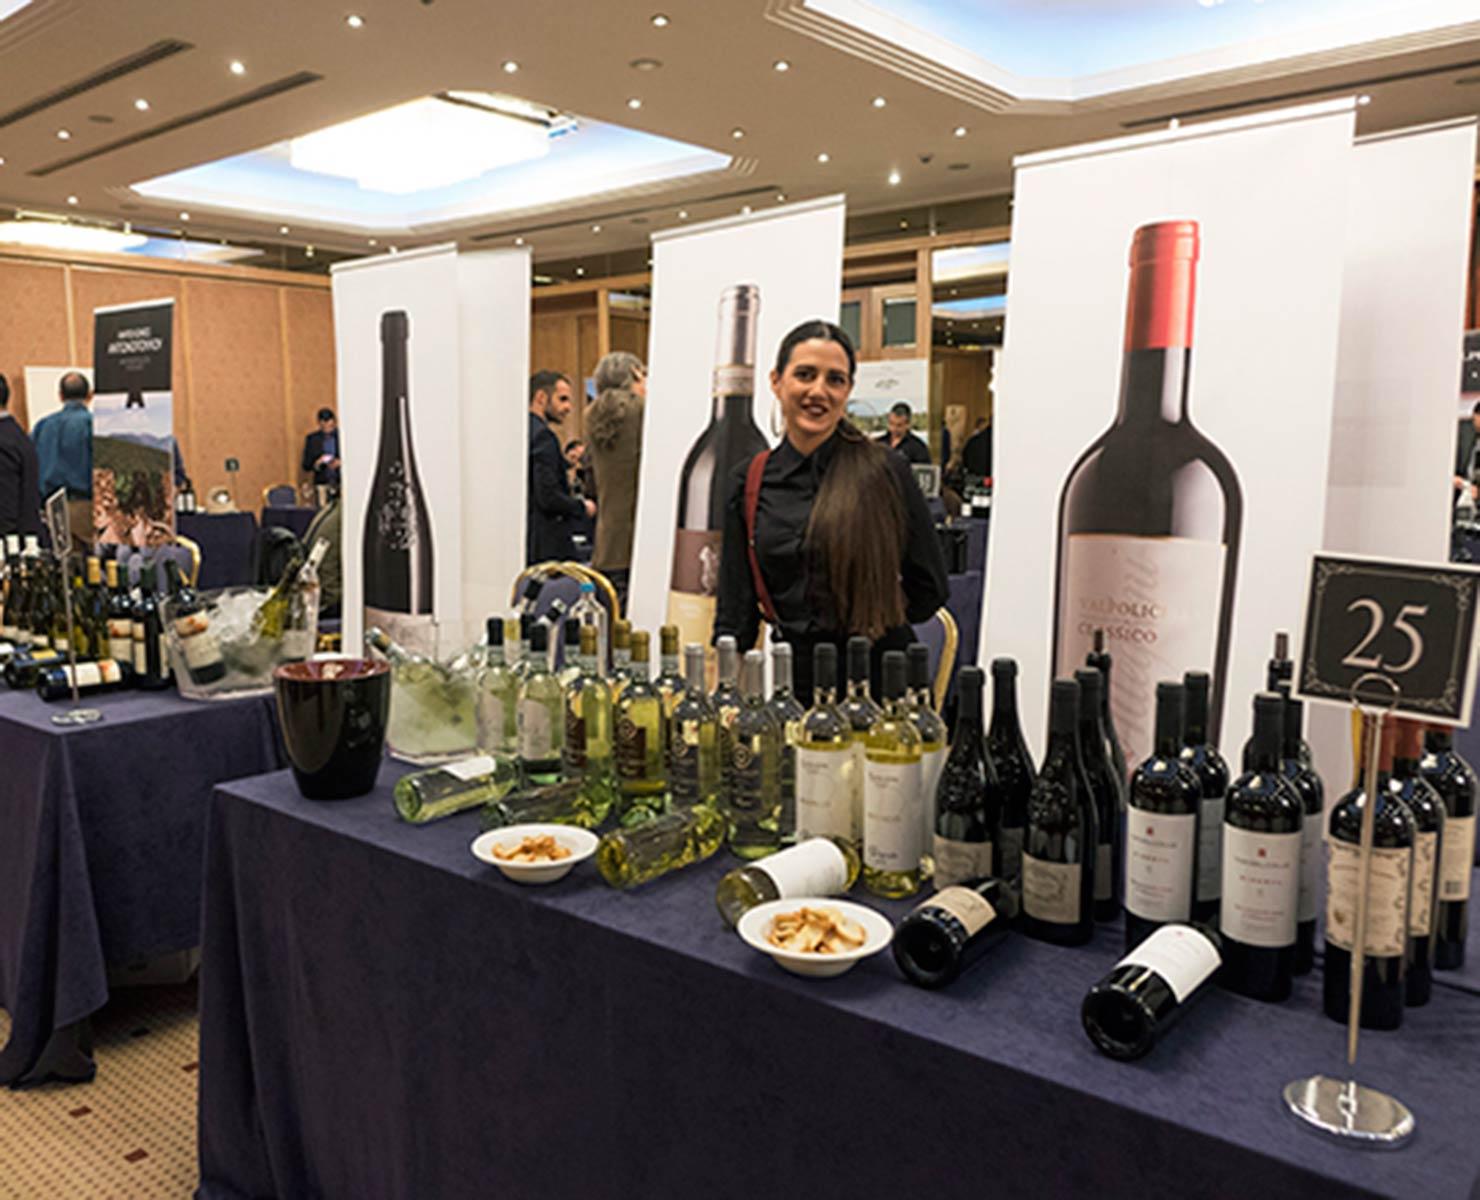 Κρασί-Ποικιλία-Έκθεση Ιωάννινα